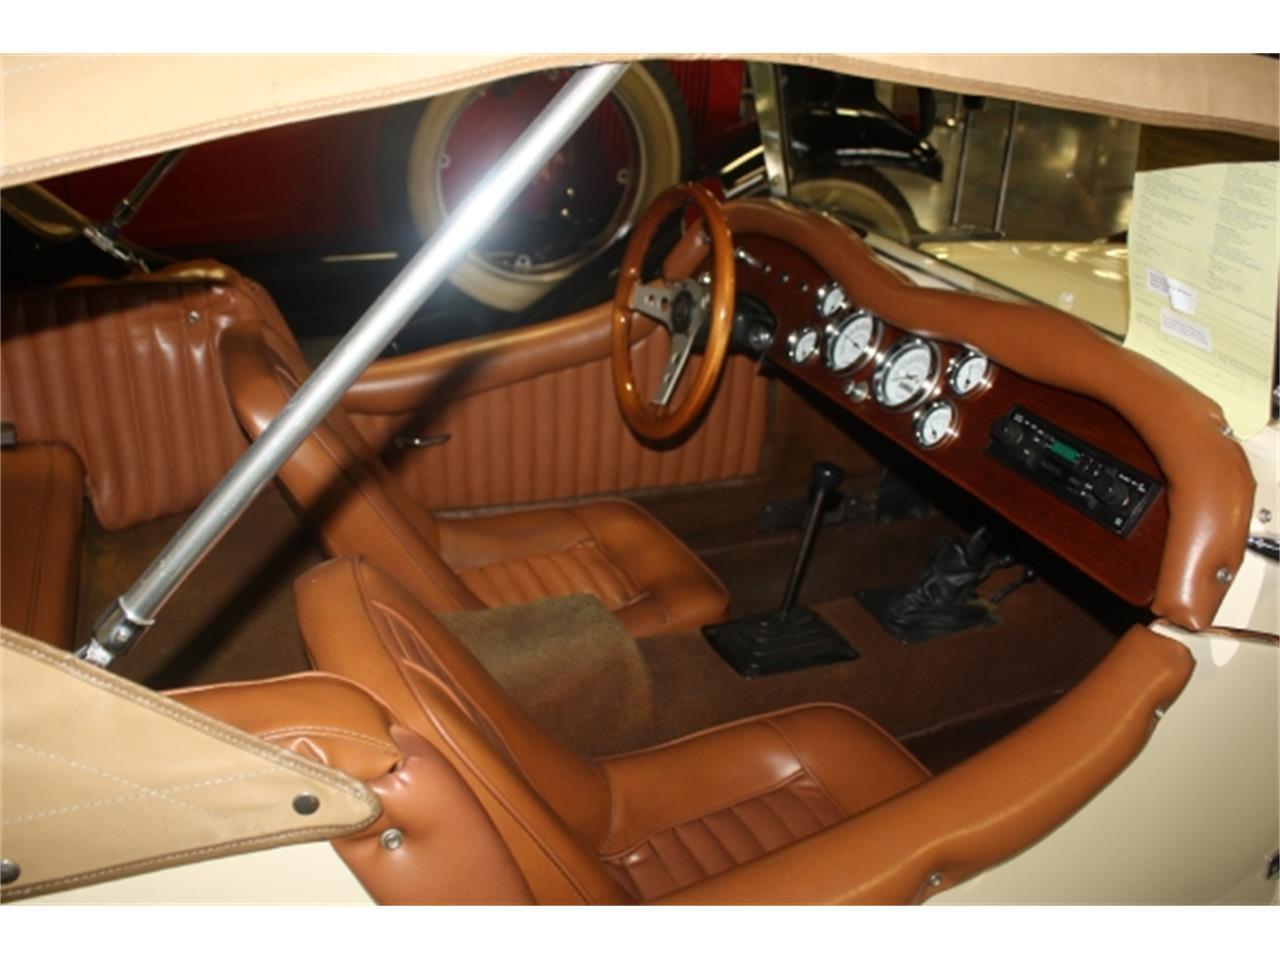 2008 Mercedes-Benz Gazelle (CC-643285) for sale in Branson, Missouri